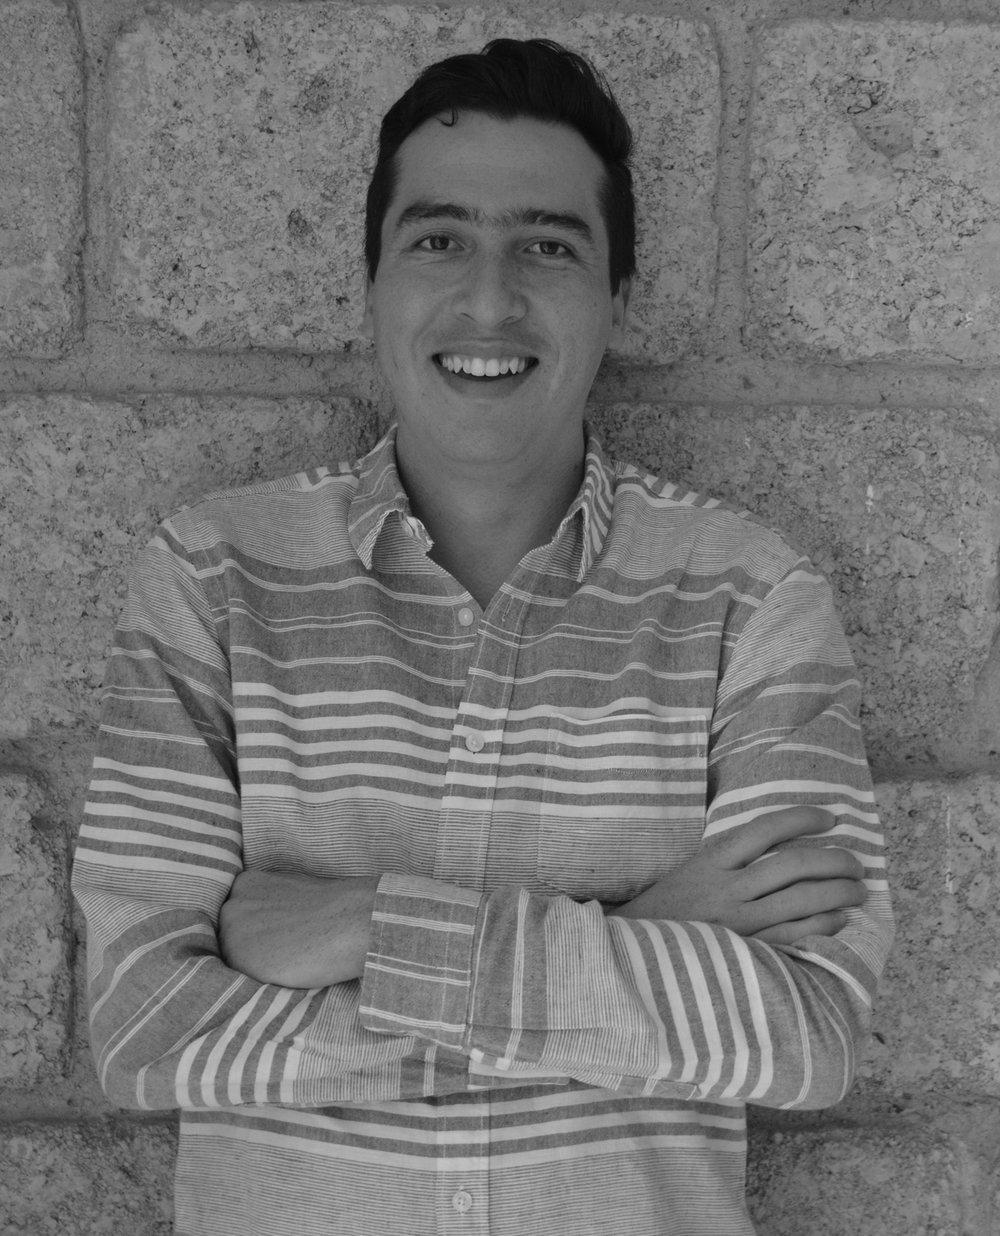 Emiliano Díaz   Emiliano es Economista del comportamiento. Es co-fundador de NUDØ, y del InstitutoMexicano de Economía del Comportamiento.Tiene un master en Behavioural & Experimental Economics por la Universidad de Nottingham y es profesor en la Universidad Iberoamericana. Tiene un interés especial por integrar principios de Economía del Comportamiento al diseño de productos que cambien positivamente el comportamiento de las personas.